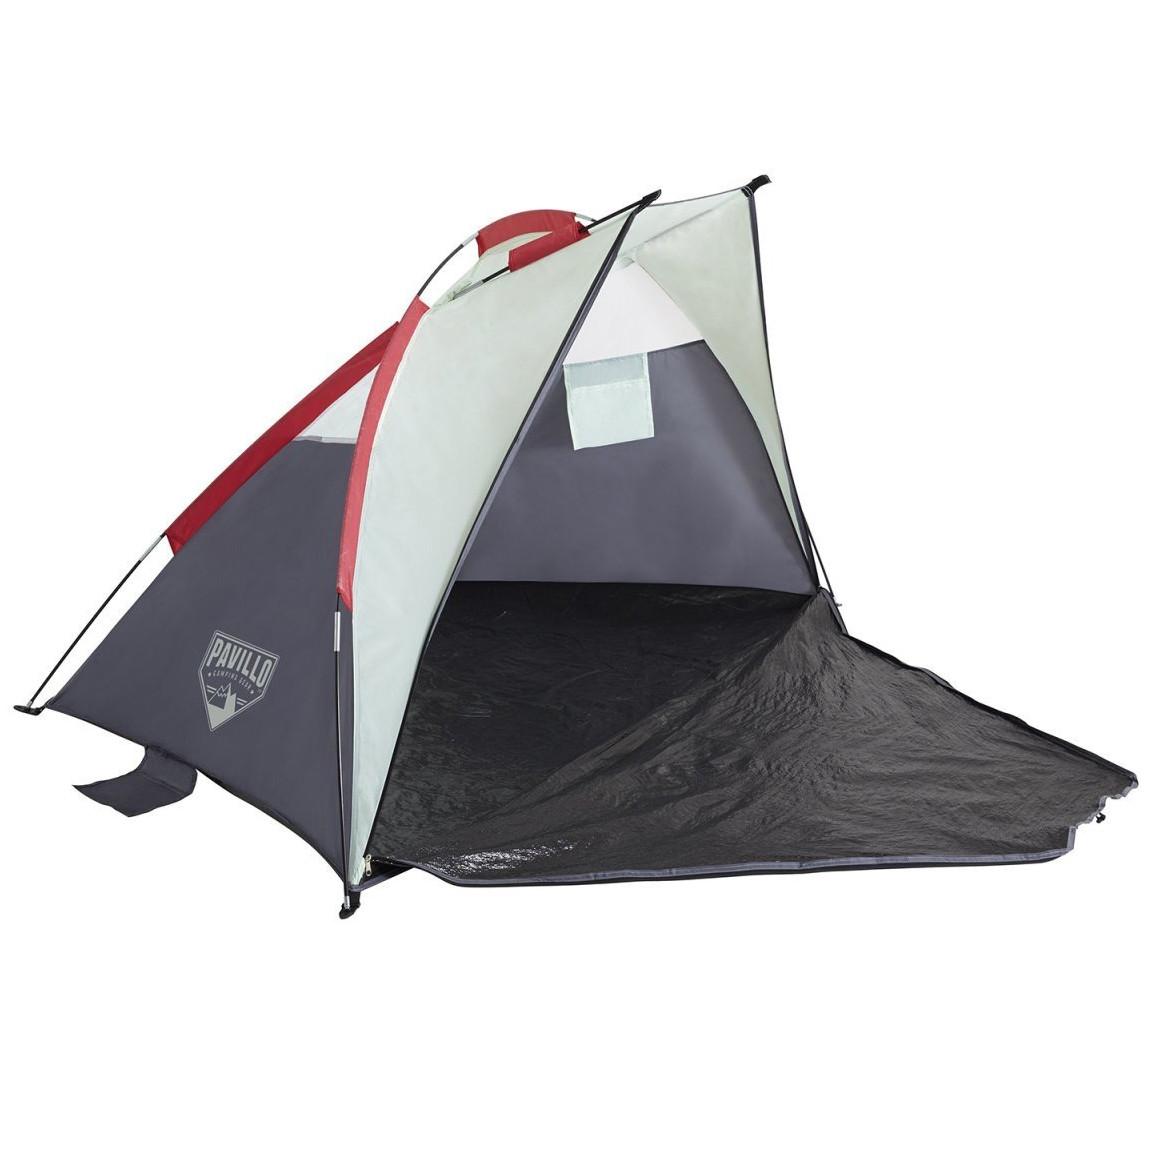 Намет пляжний тент Bestway Pavillo «Ramble Tent 2» 200х100х100 см палатка для пляжу